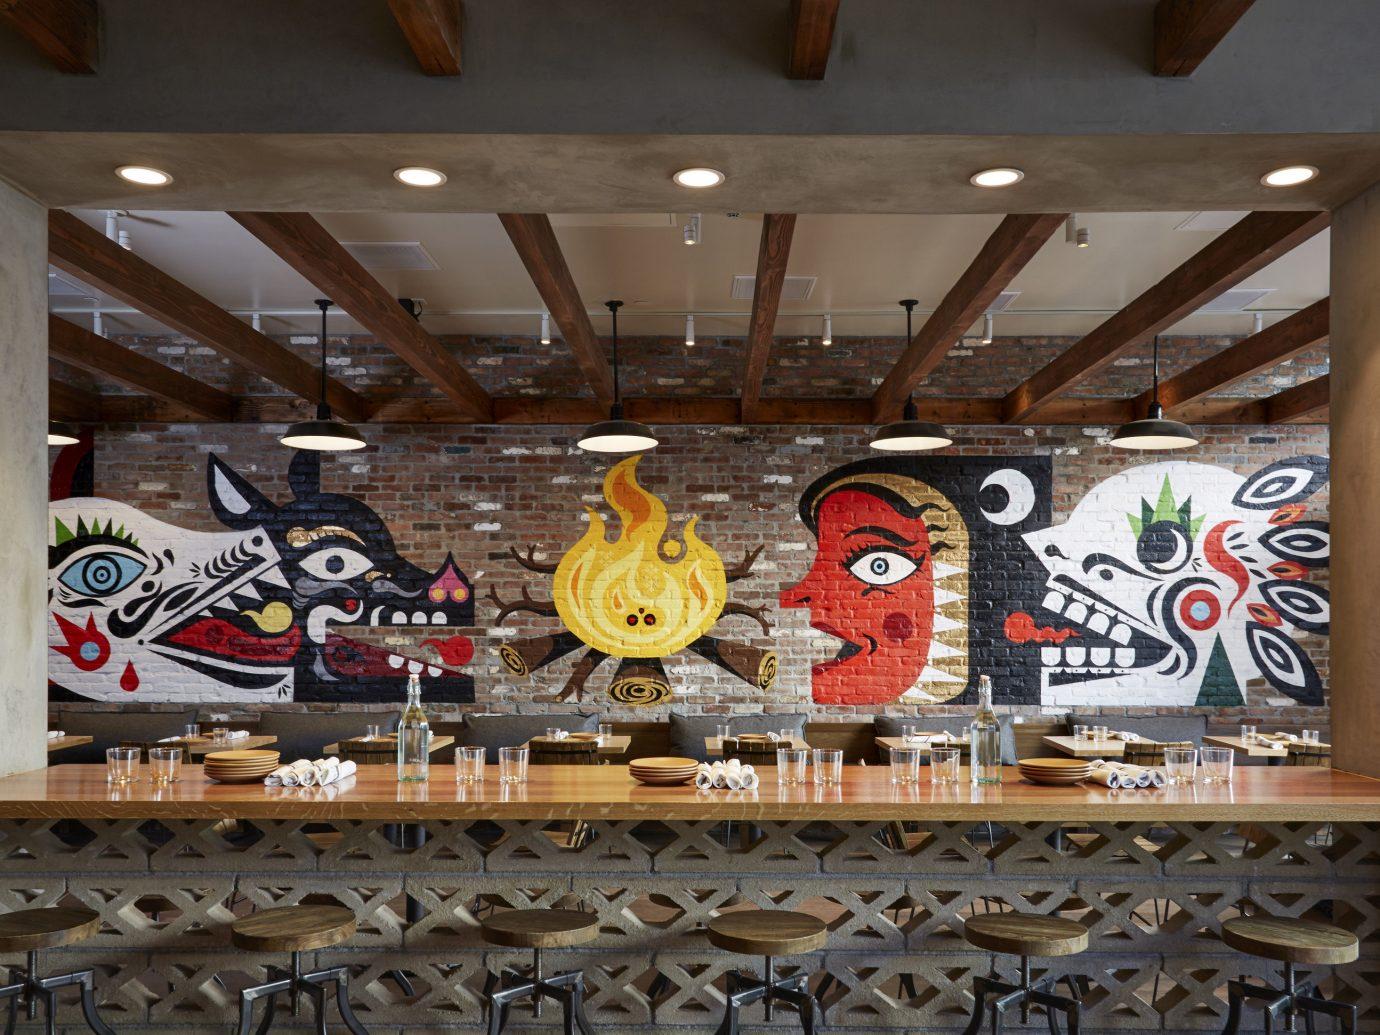 Jetsetter Guides indoor ceiling art mural street art